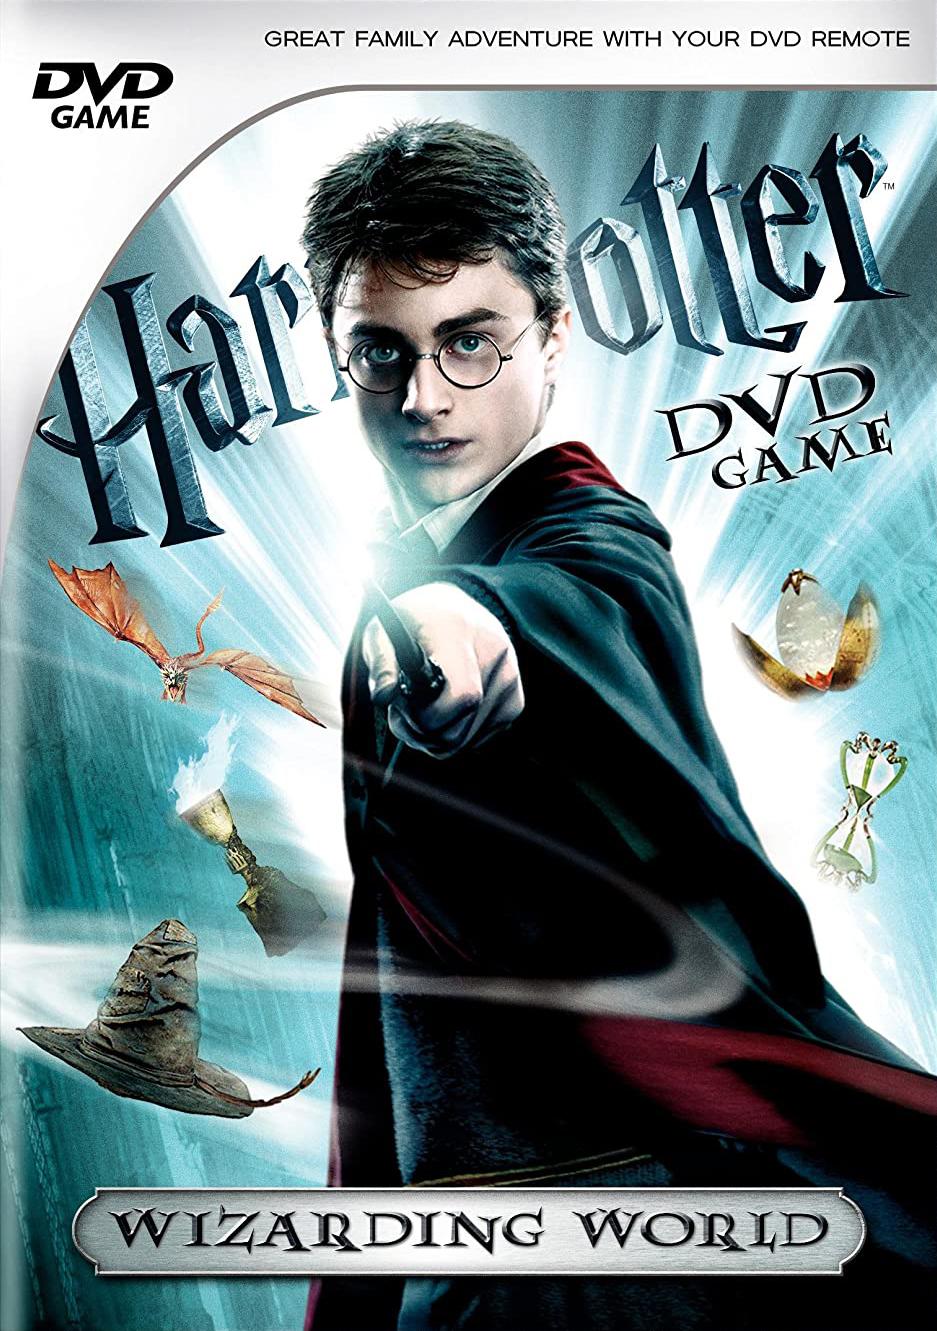 哈利·波特DVD游戏:魔法世界